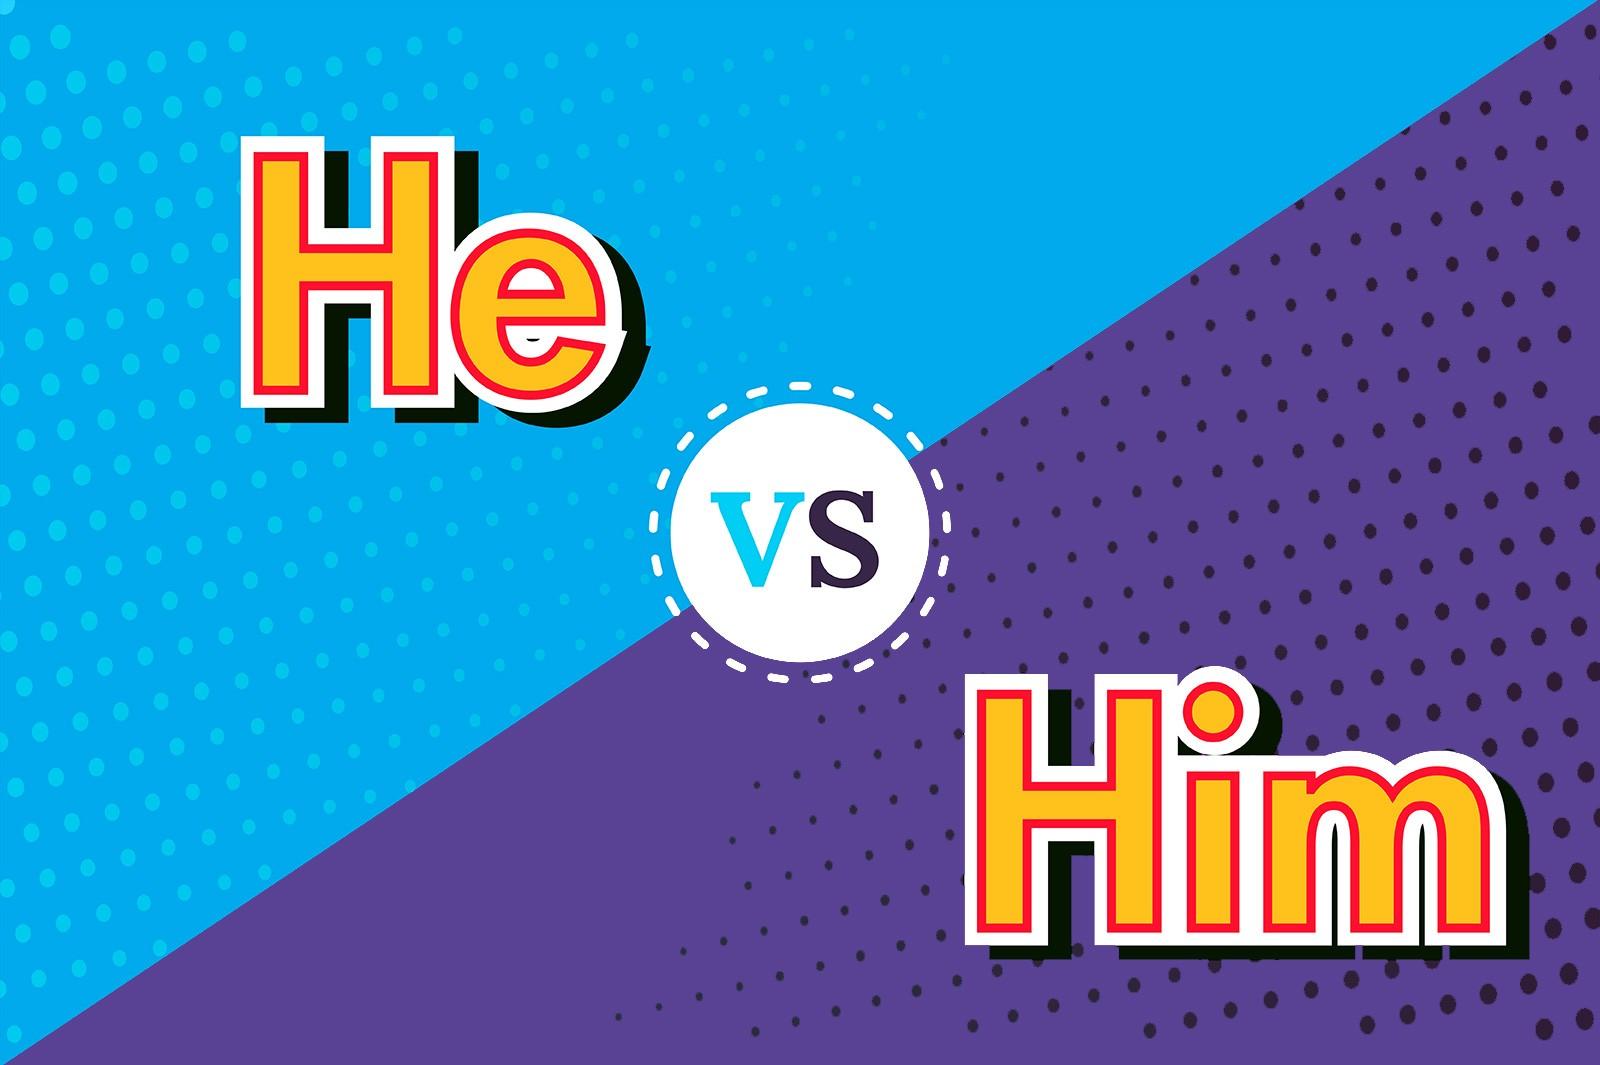 he vs him